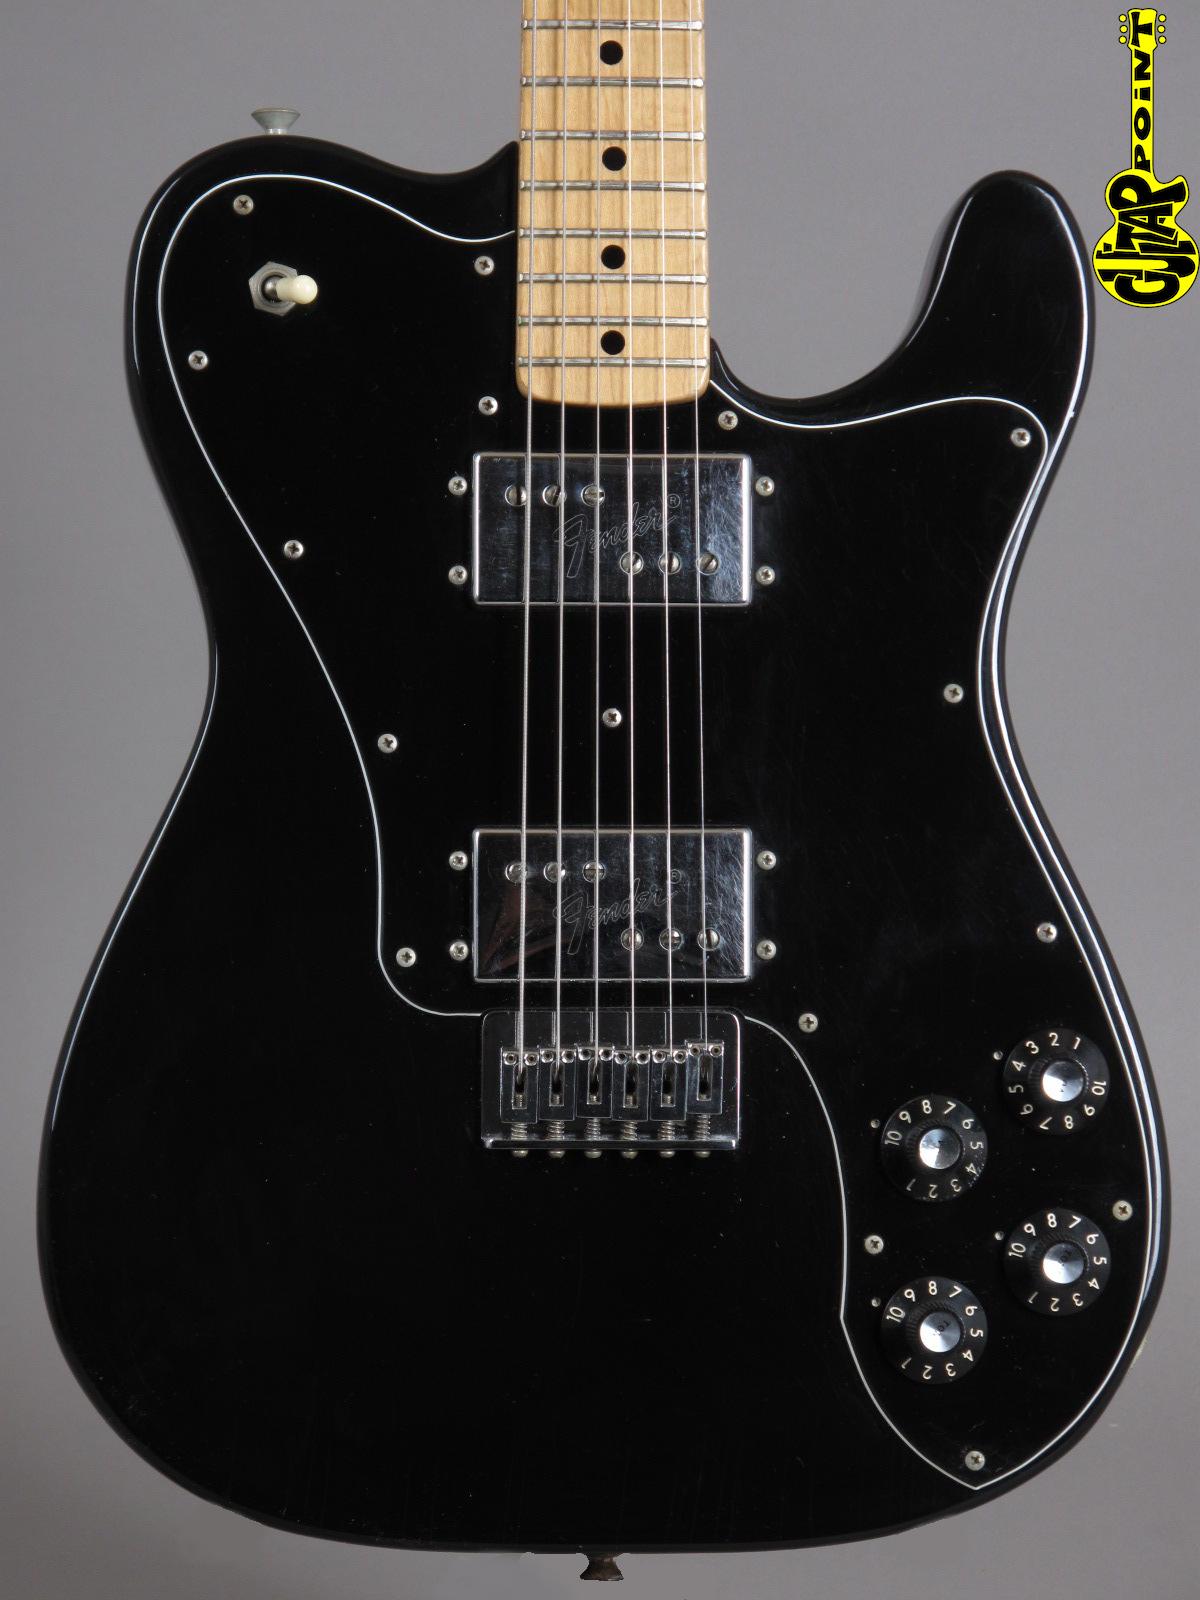 1974 Fender Telecaster Deluxe - Black